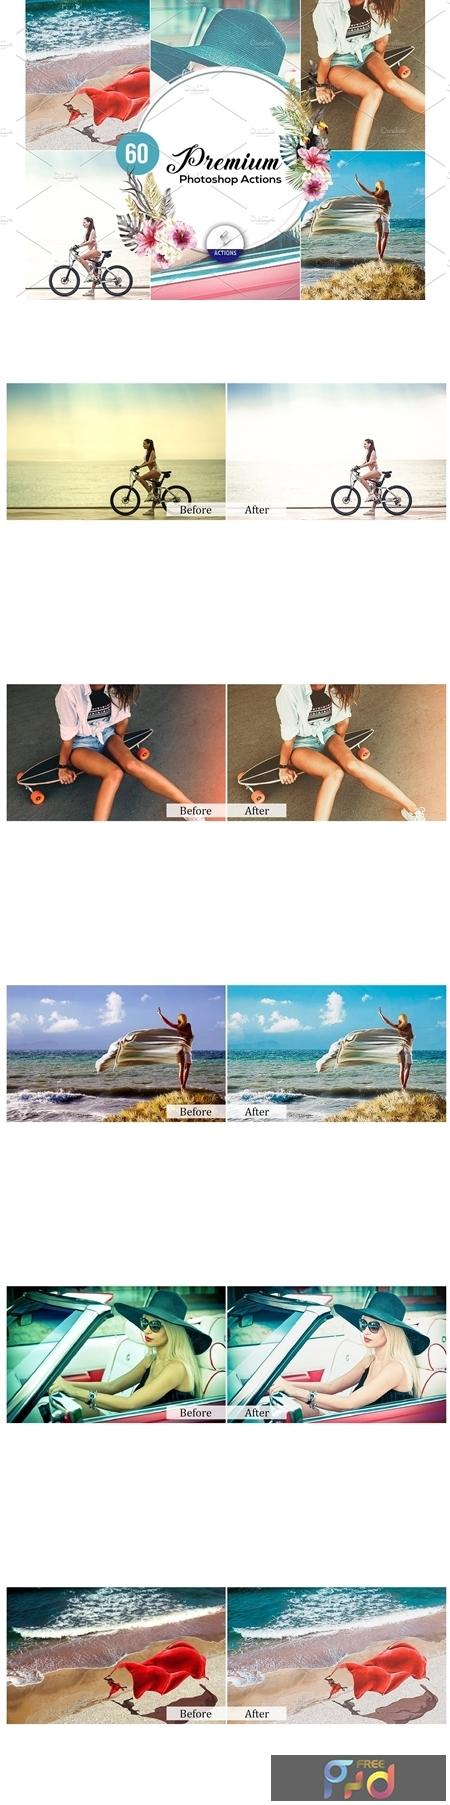 60 Premium Photoshop Actions 3937945 1